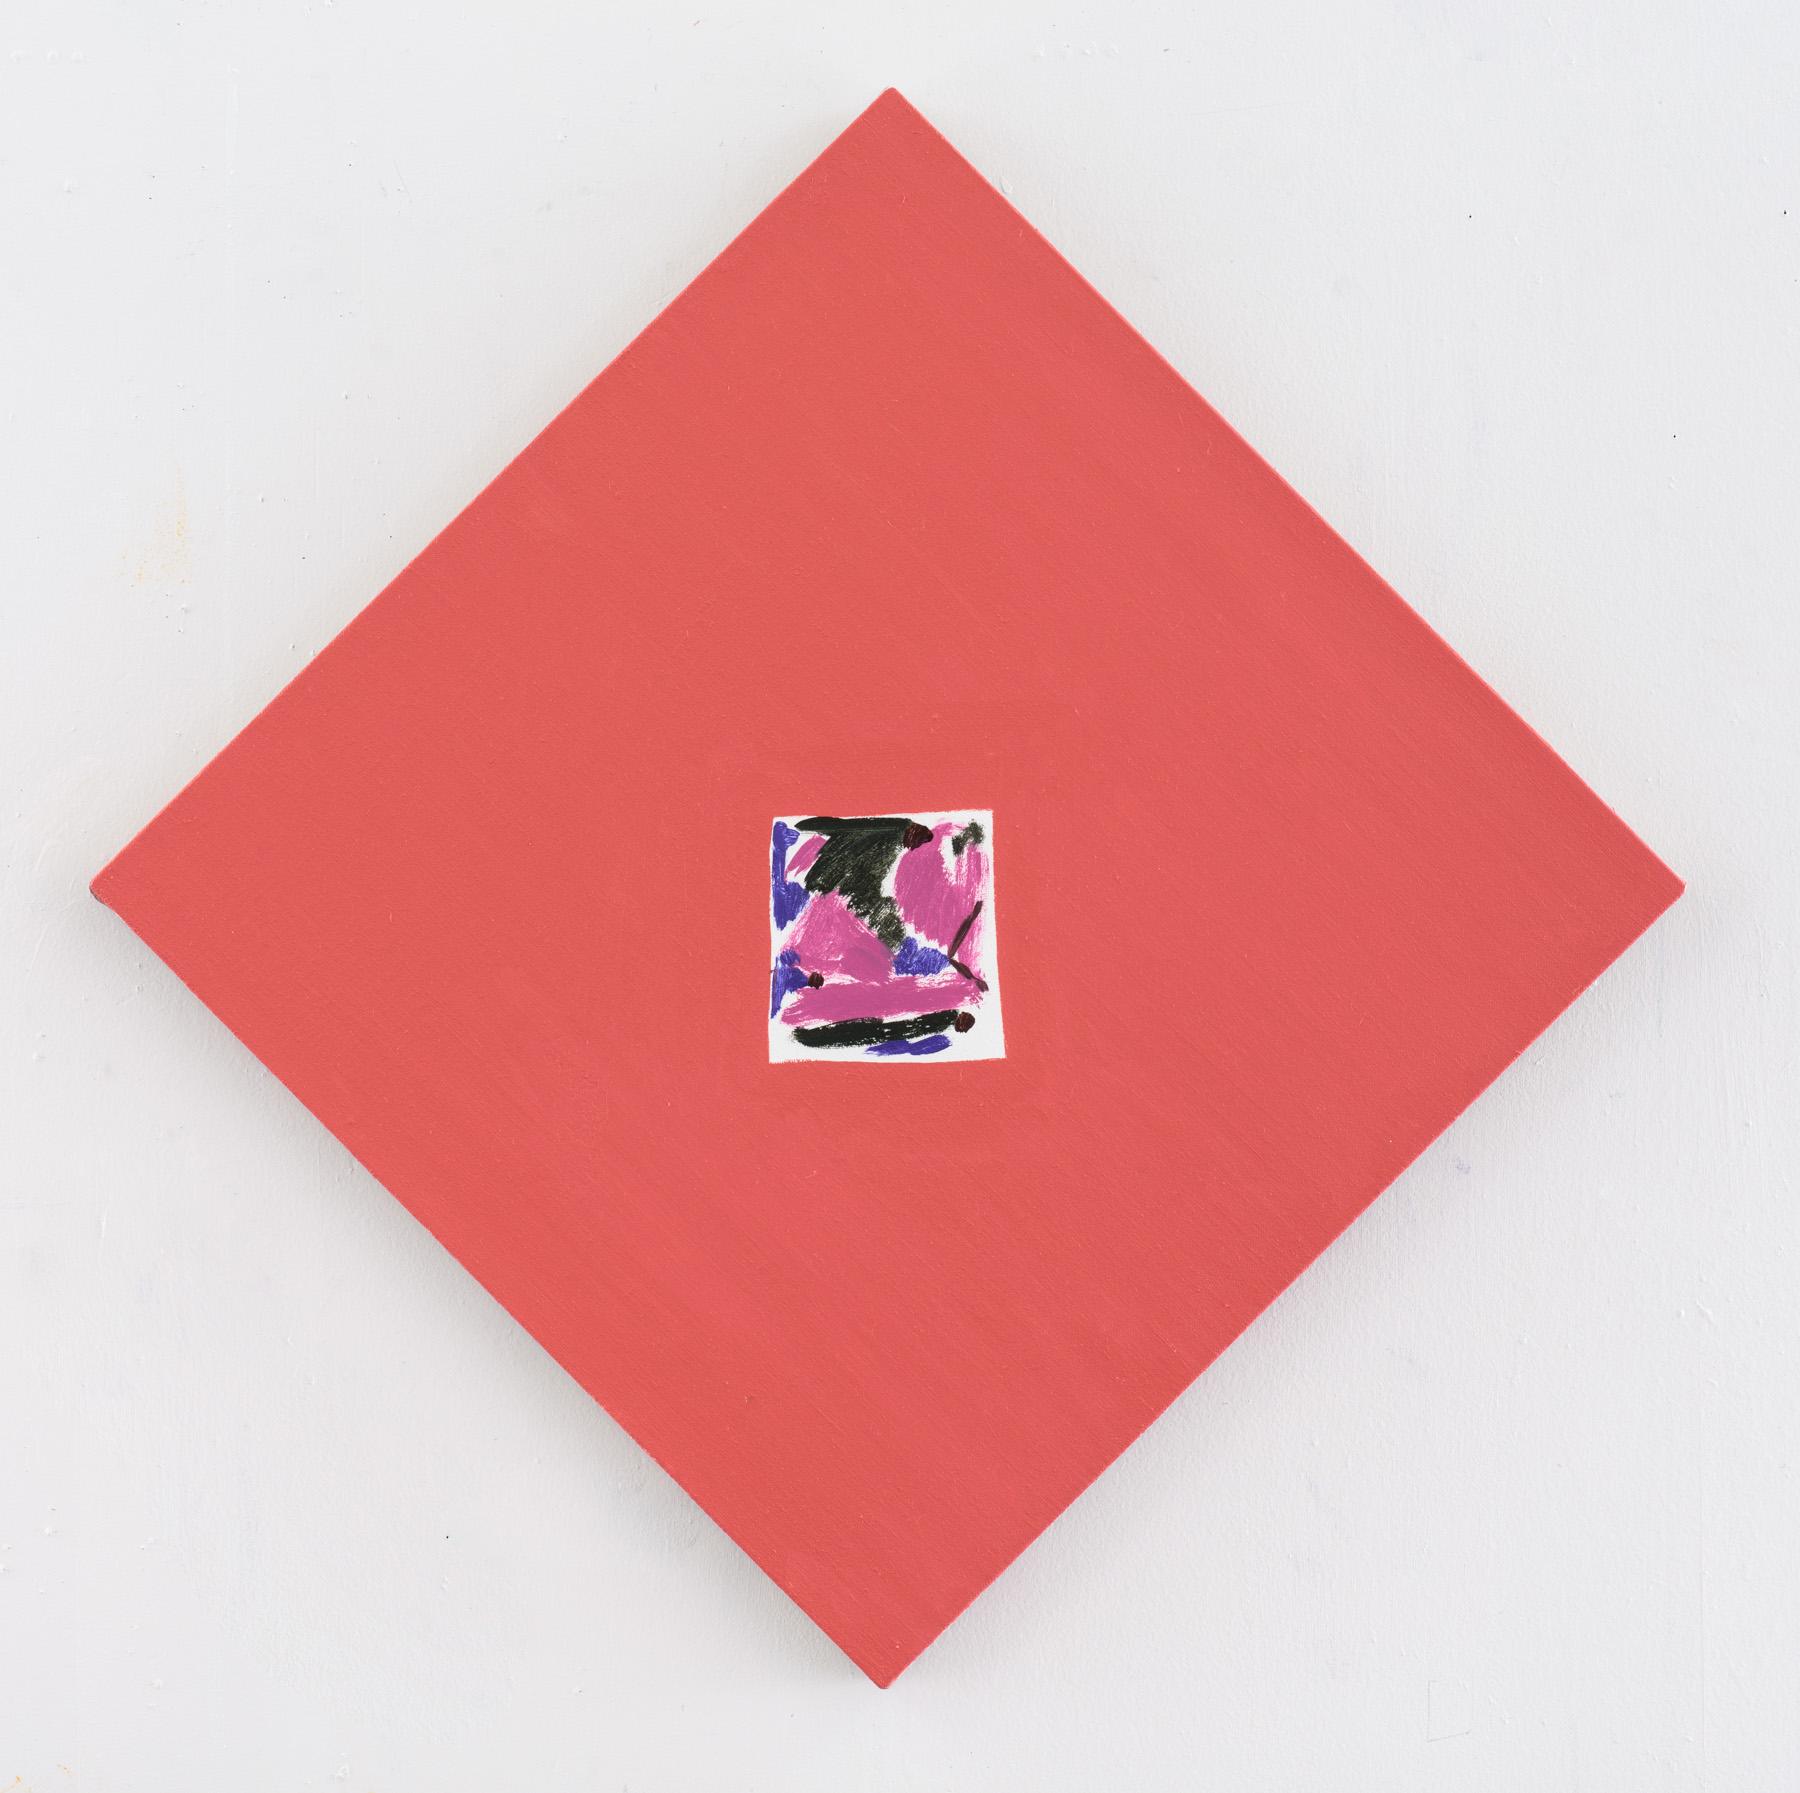 """Nora Griffin, Rewind, 2017, Oil on linen 20 x 20"""""""